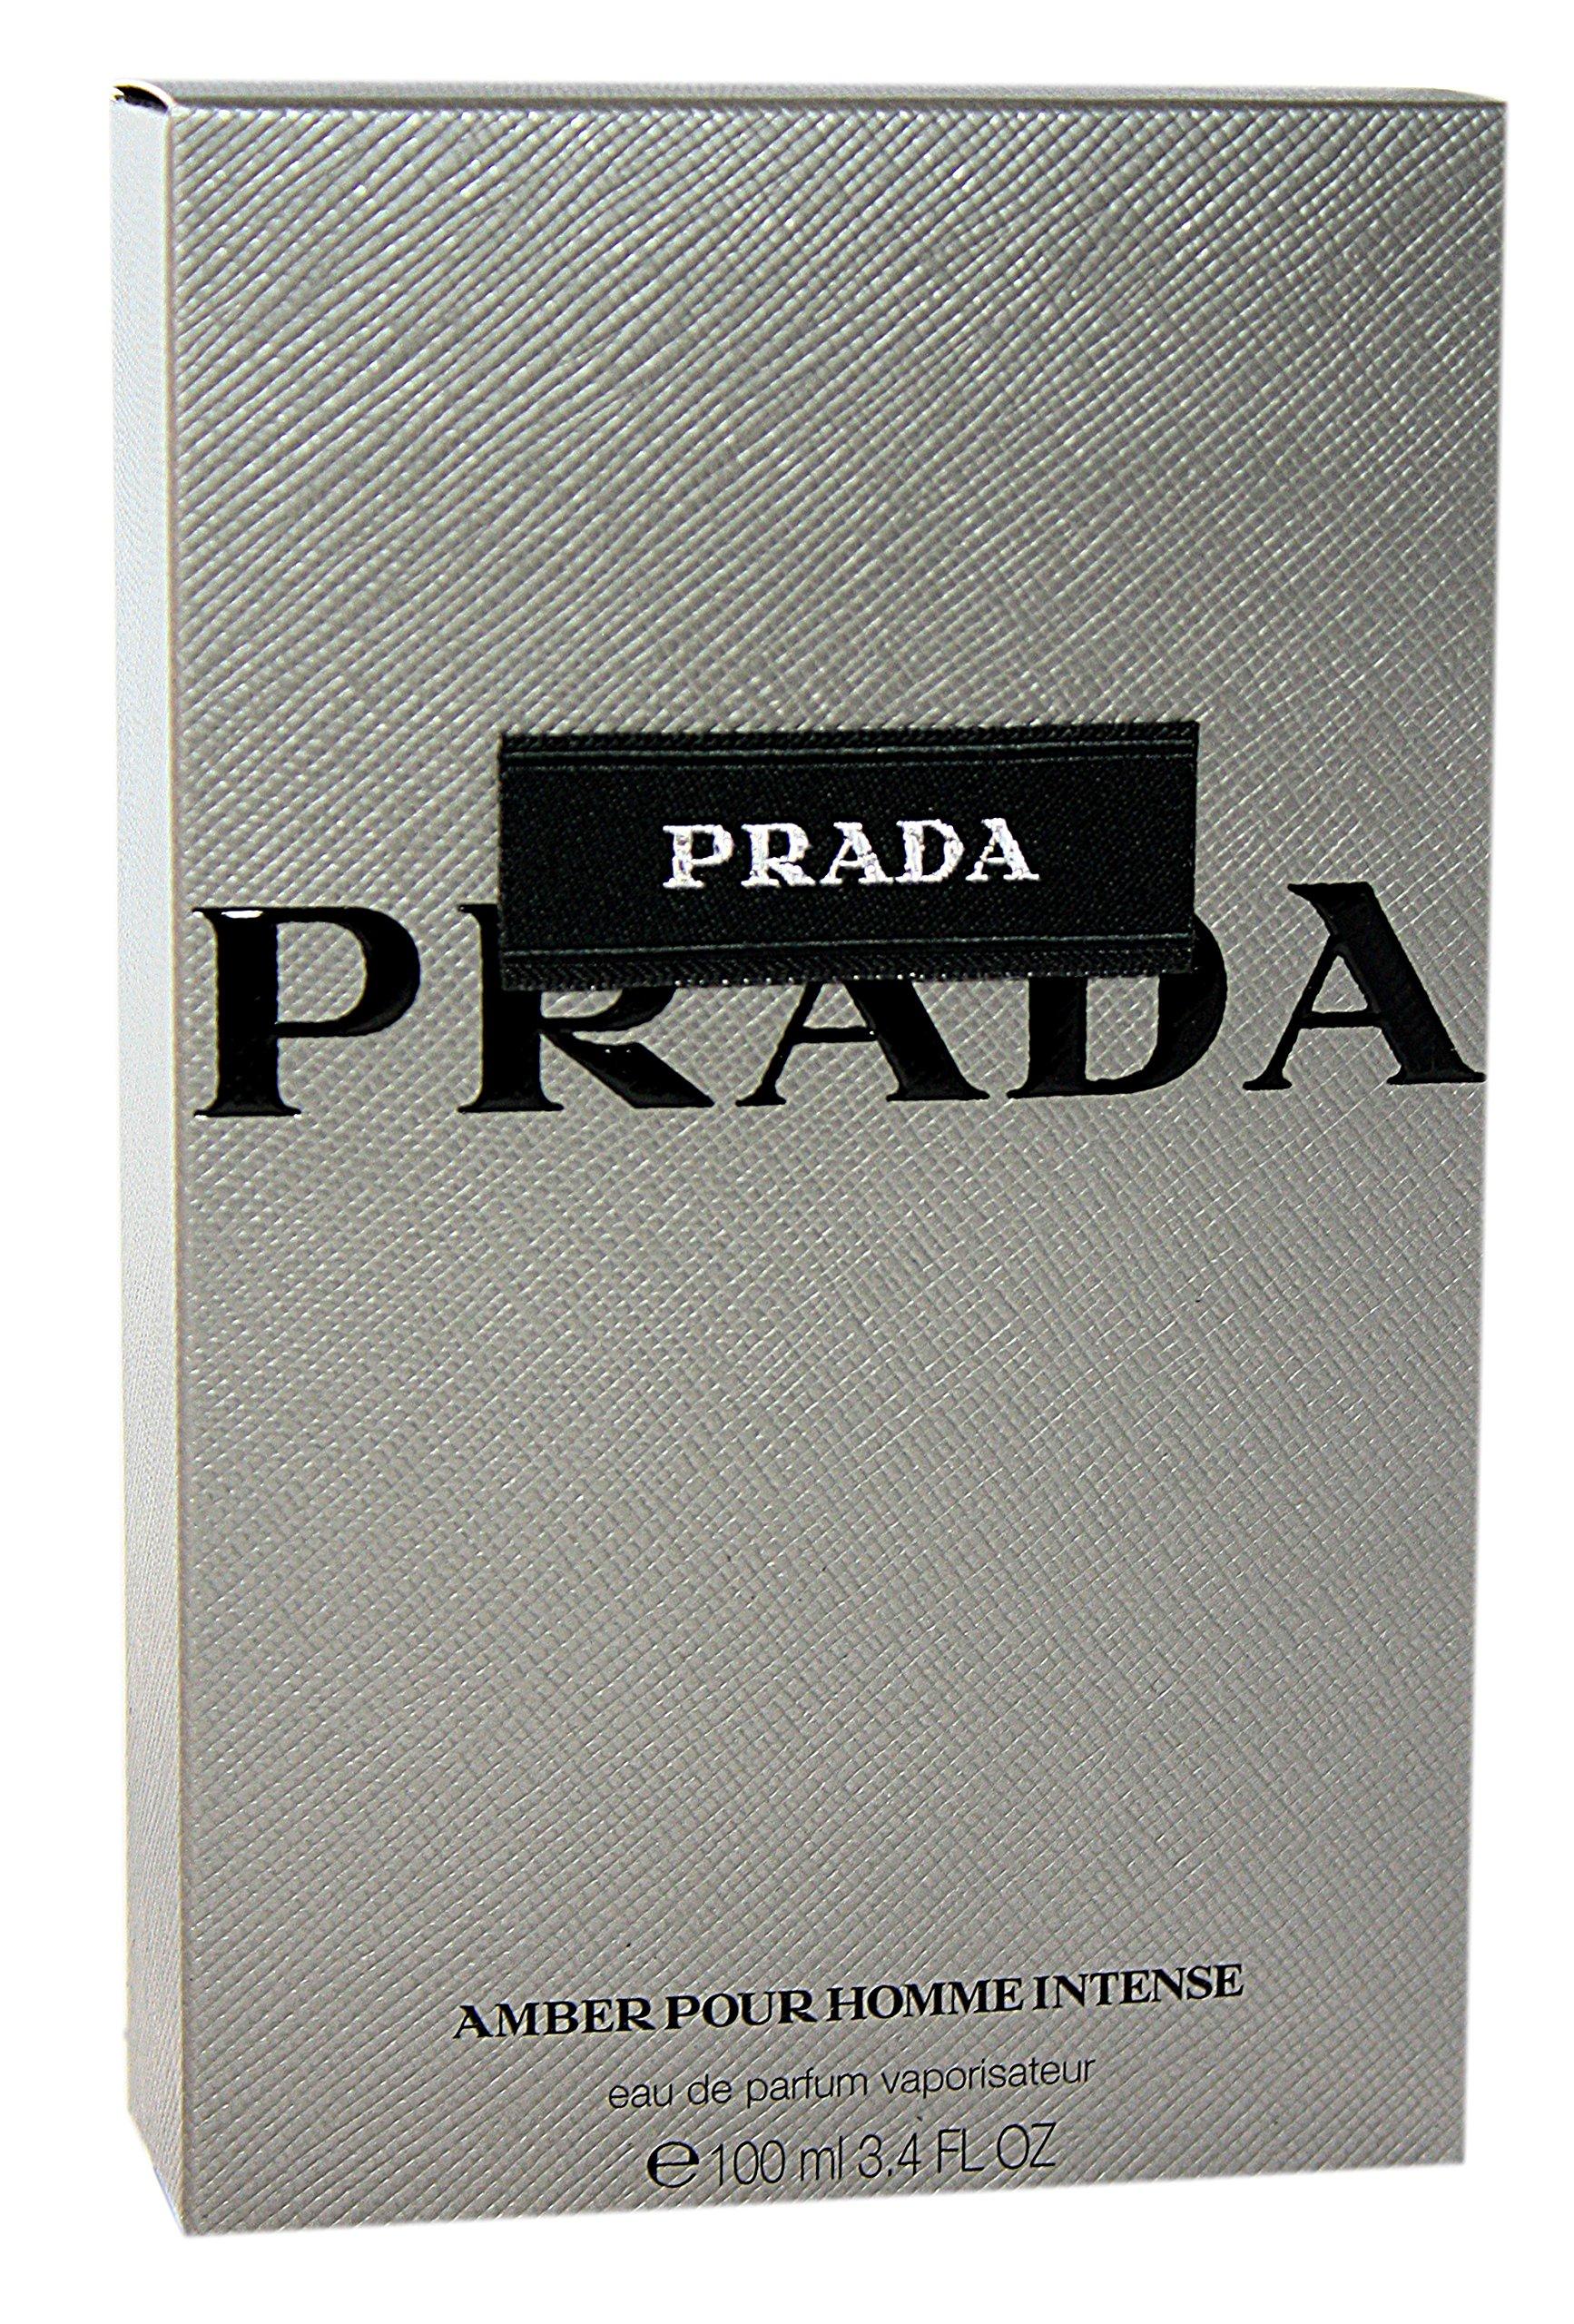 Prada Intense Eau De Parfum Spray for Men, Amber, 3.4 Ounce by Prada (Image #2)